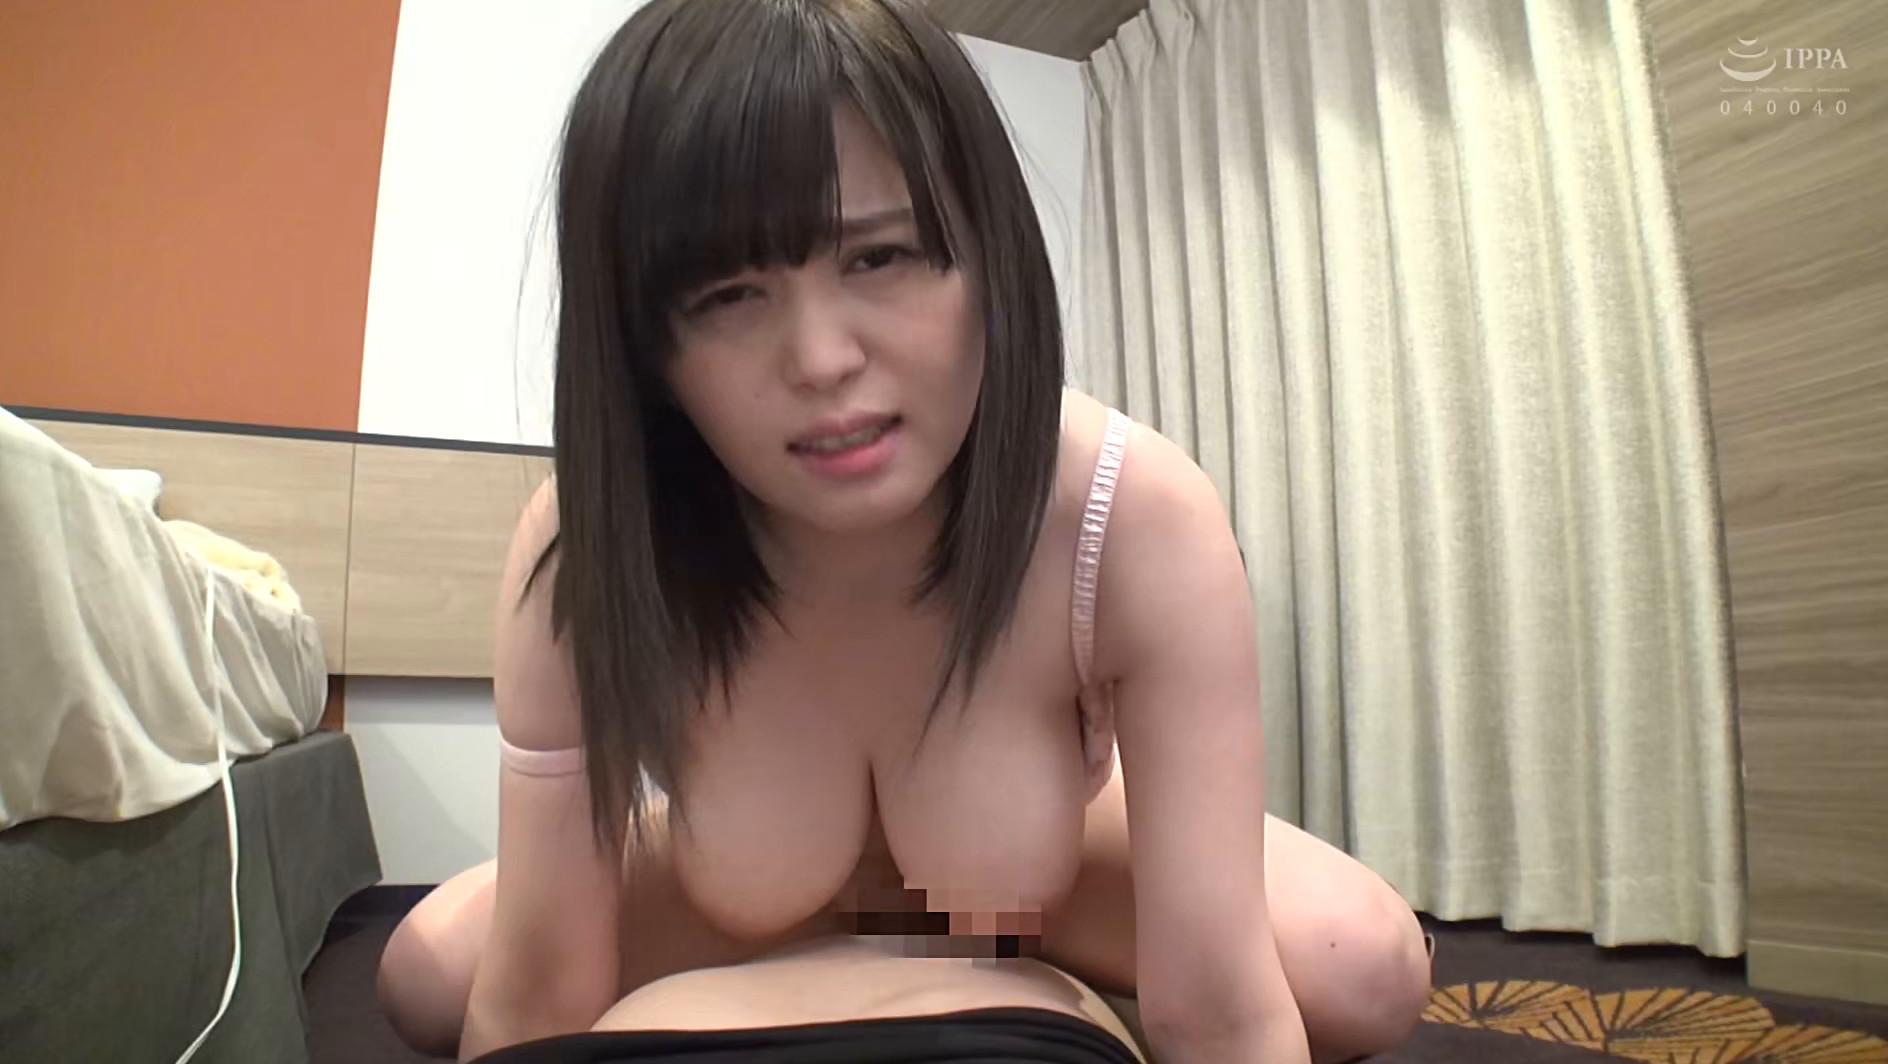 発掘☆デカ乳素人 4 画像16